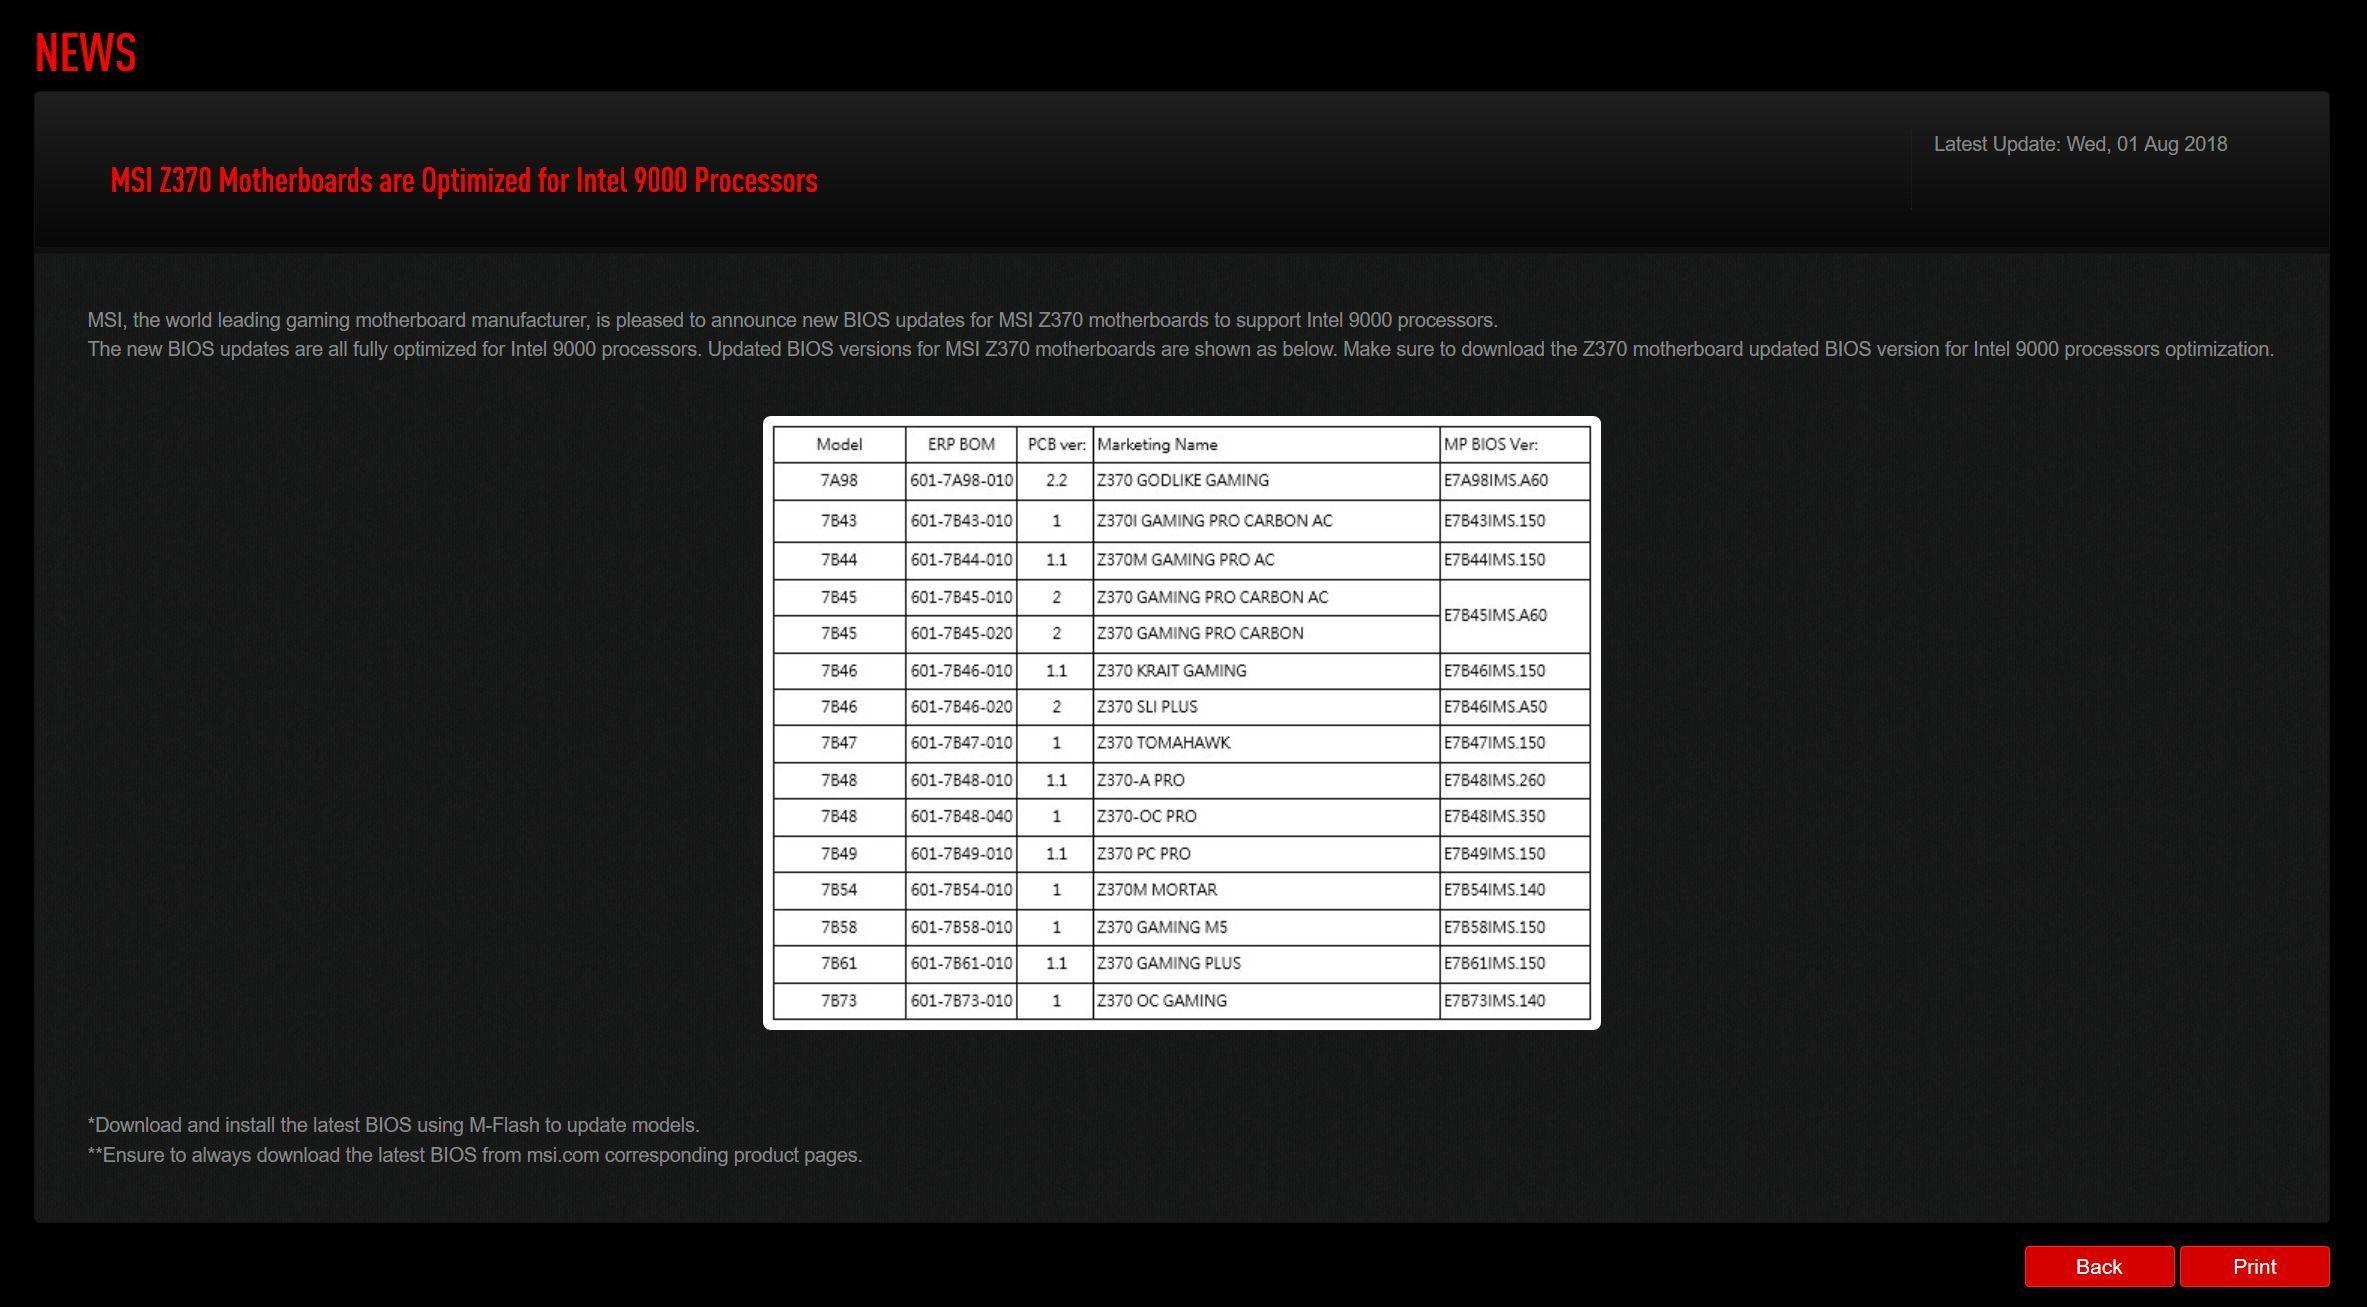 인텔 9000 시리즈 칩 지원을 확인하는 MSI 포스트의 스크린샷